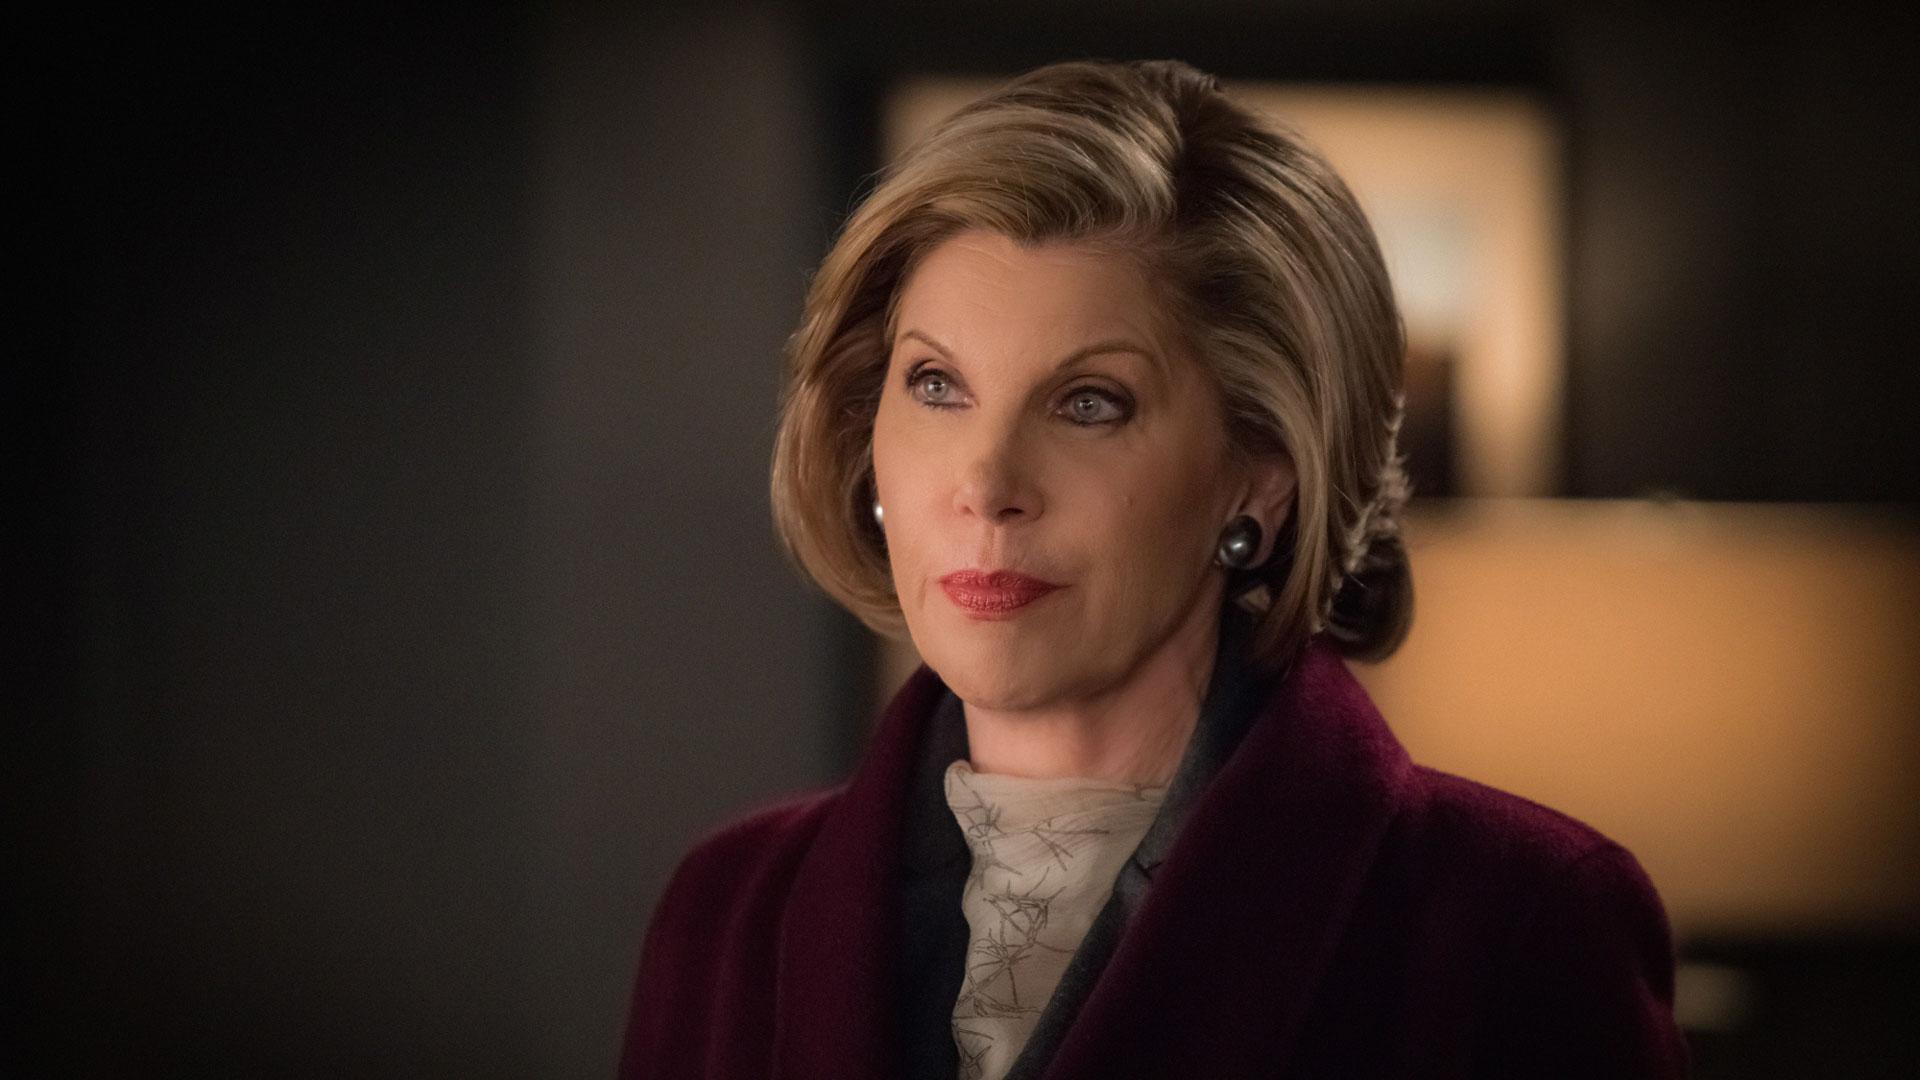 Christine Baranski as Diane Lockhart